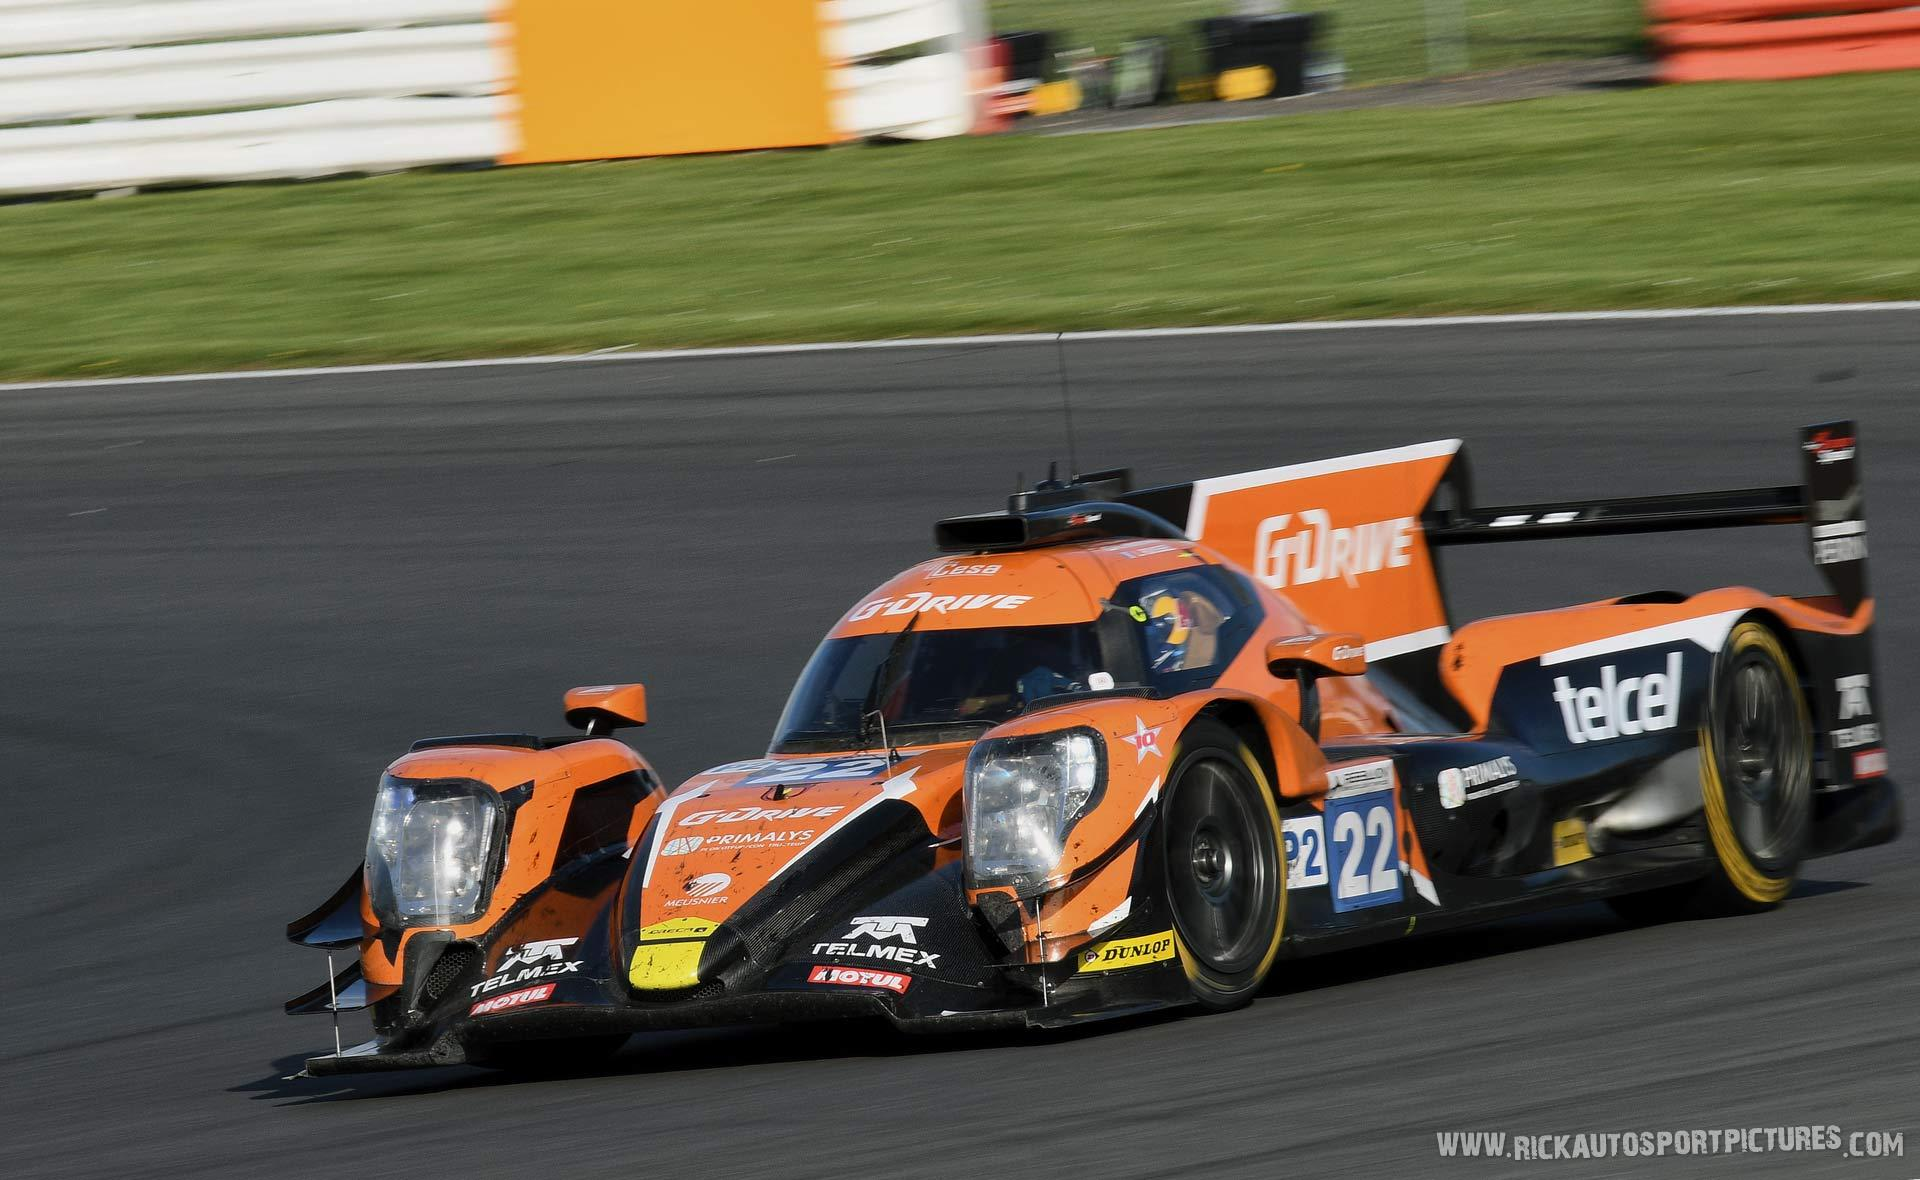 Memo Rojas Silverstone 2017